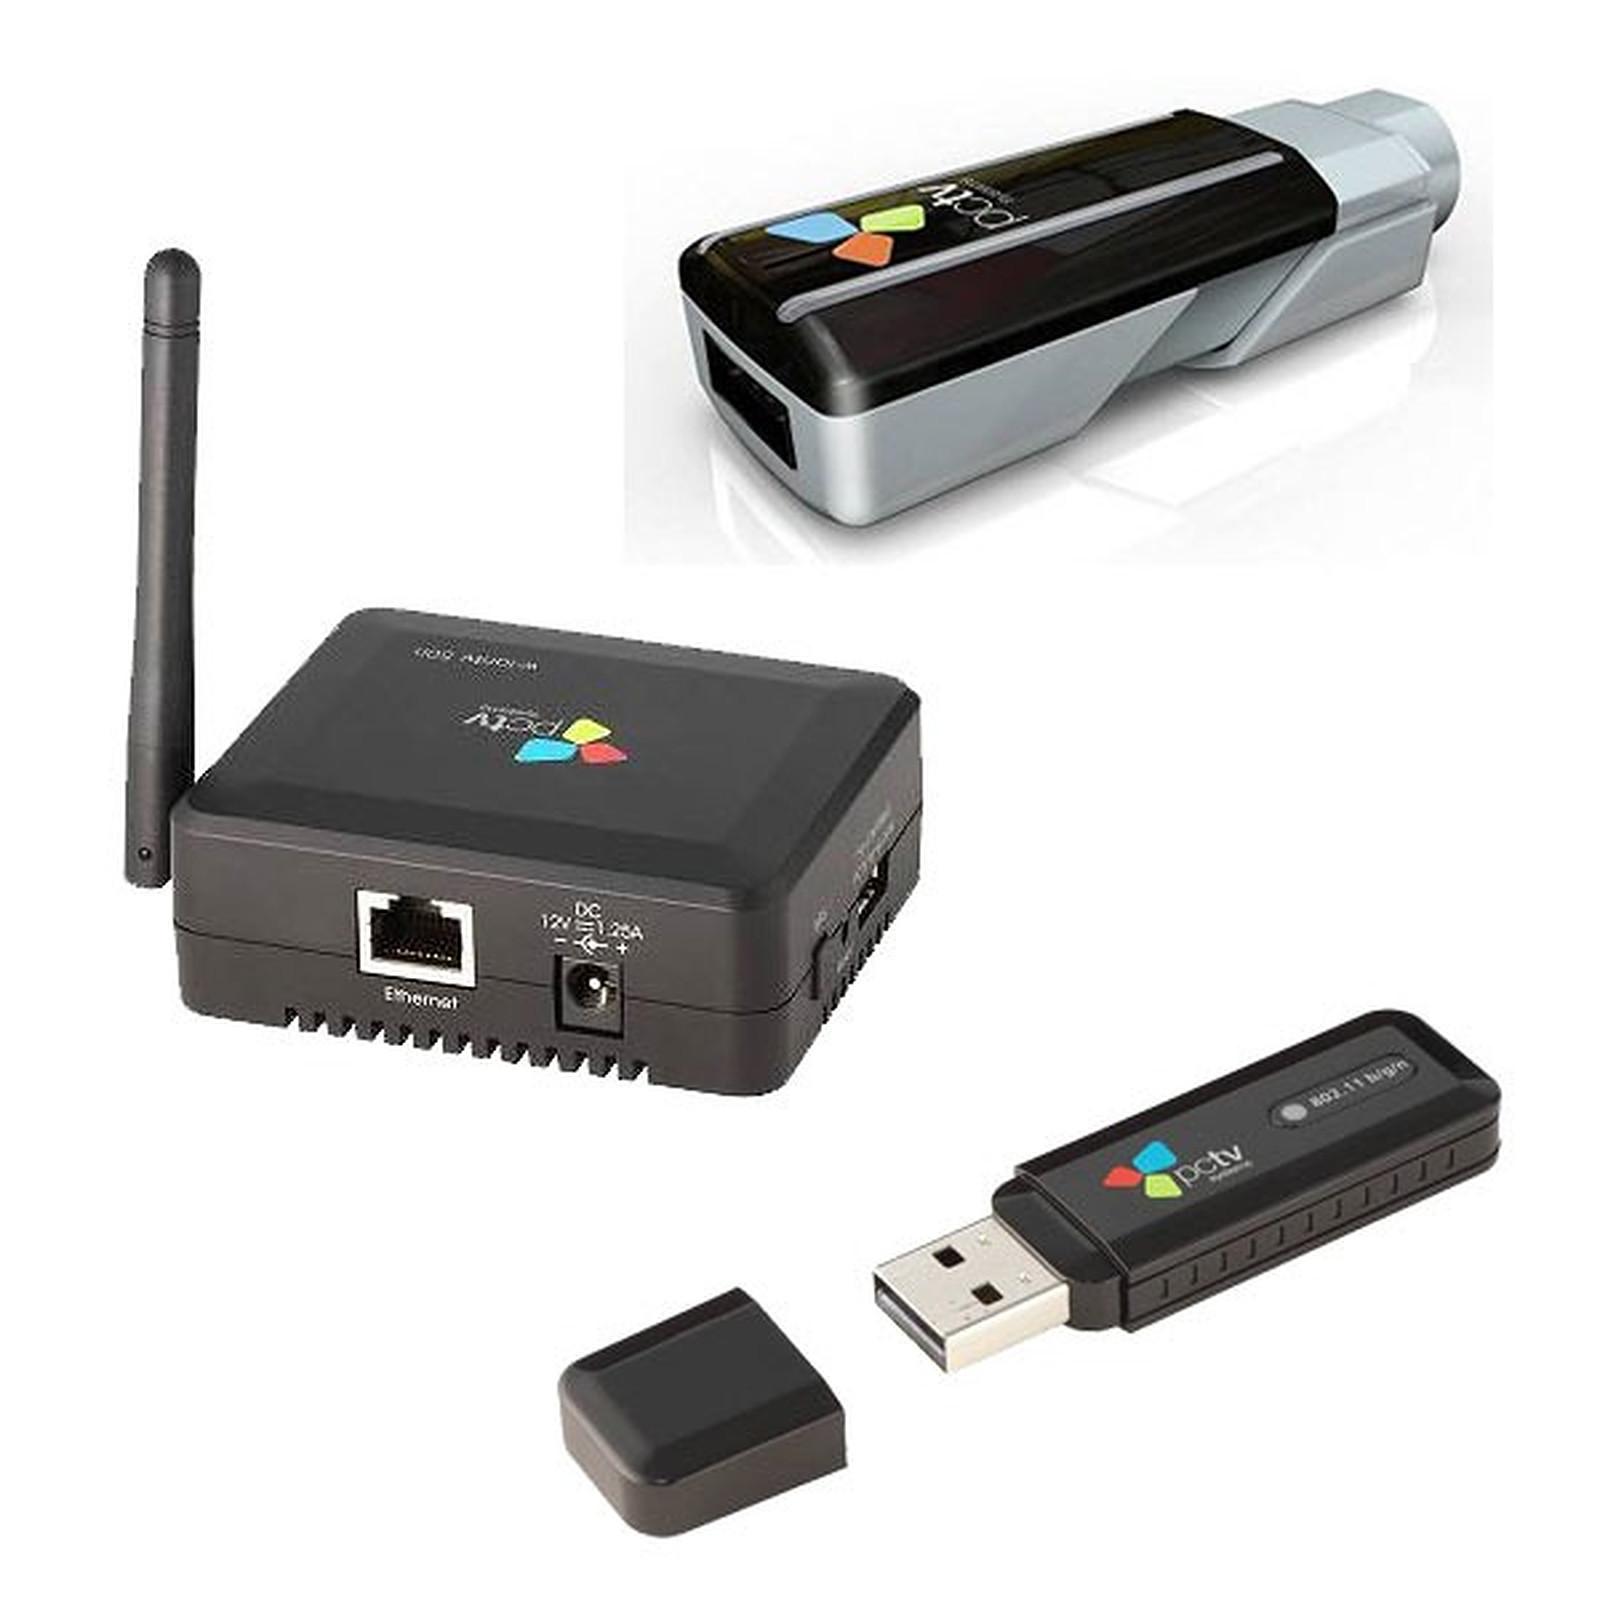 PCTV w-lanTV 50n